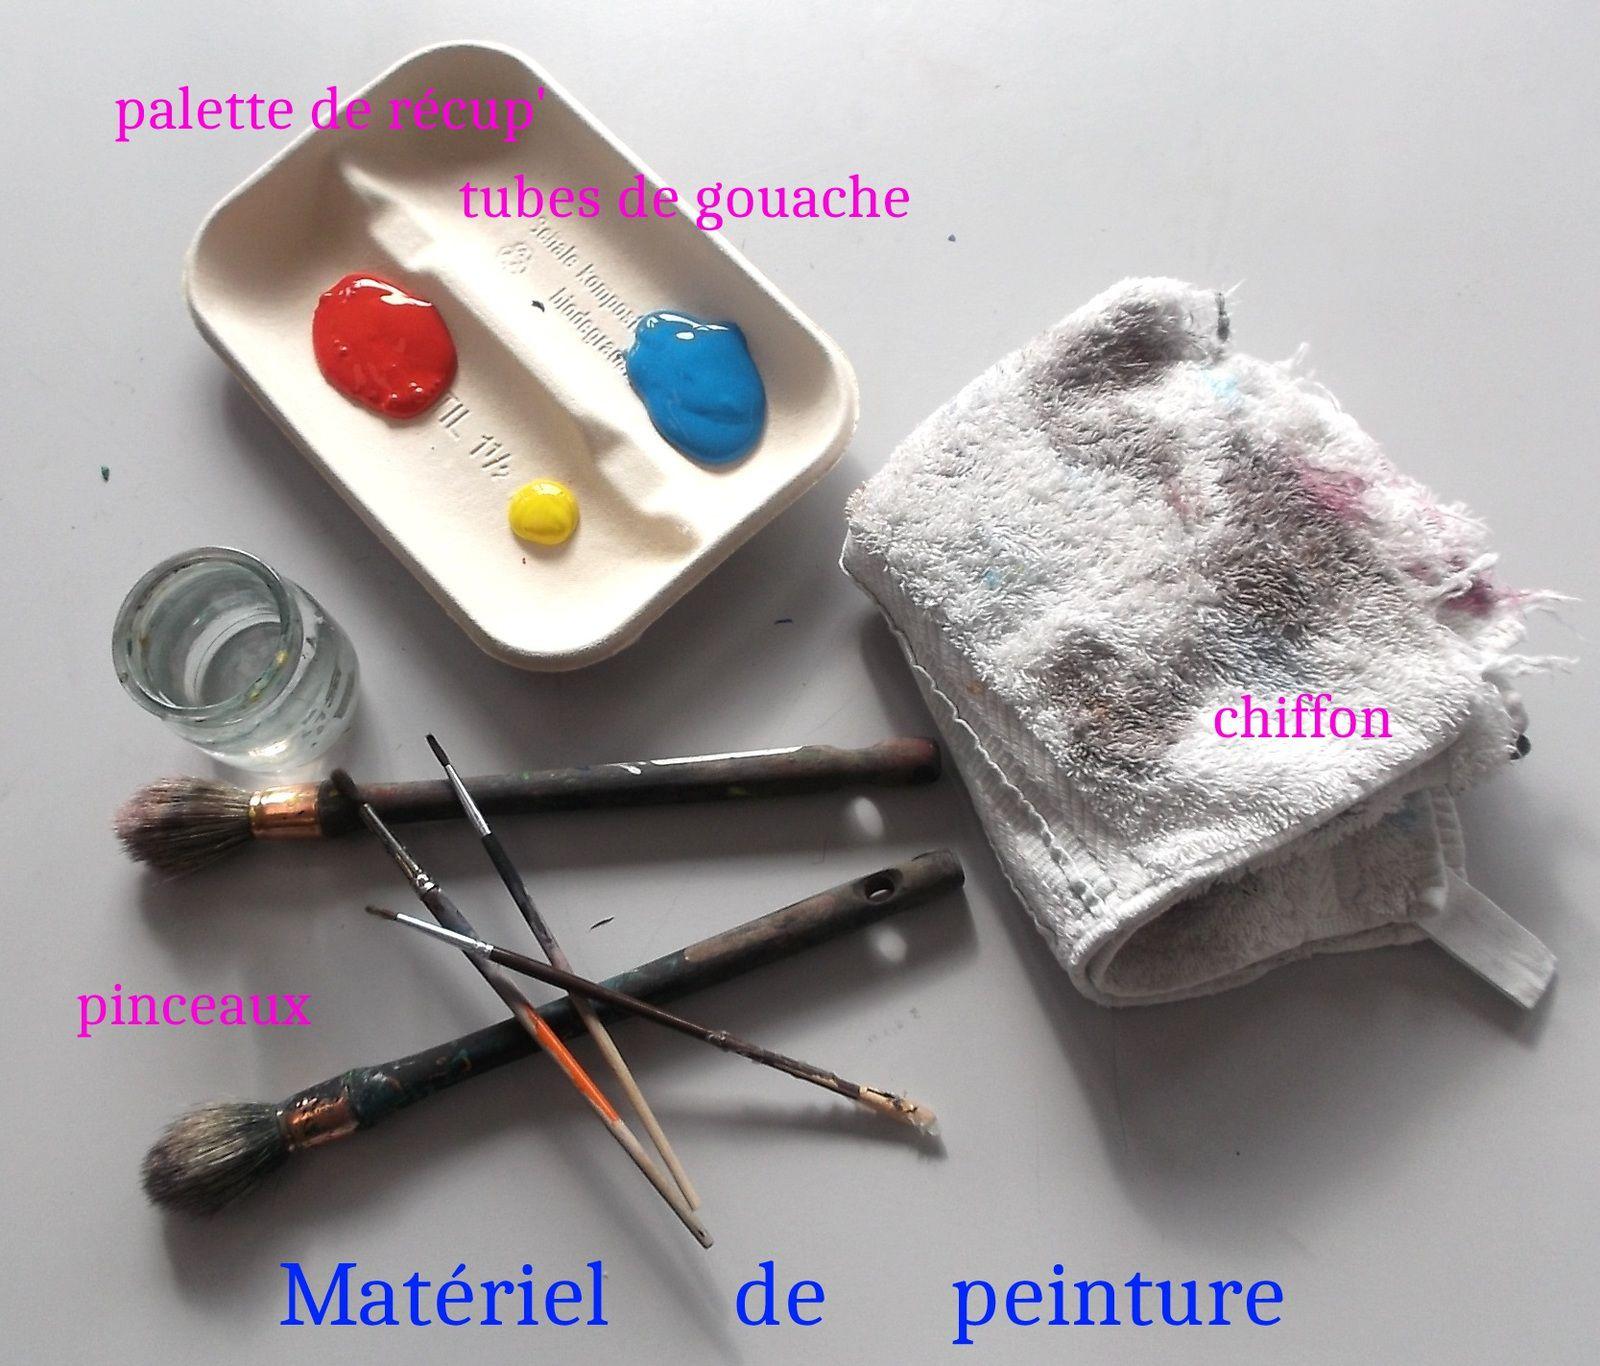 le matériel de peinture